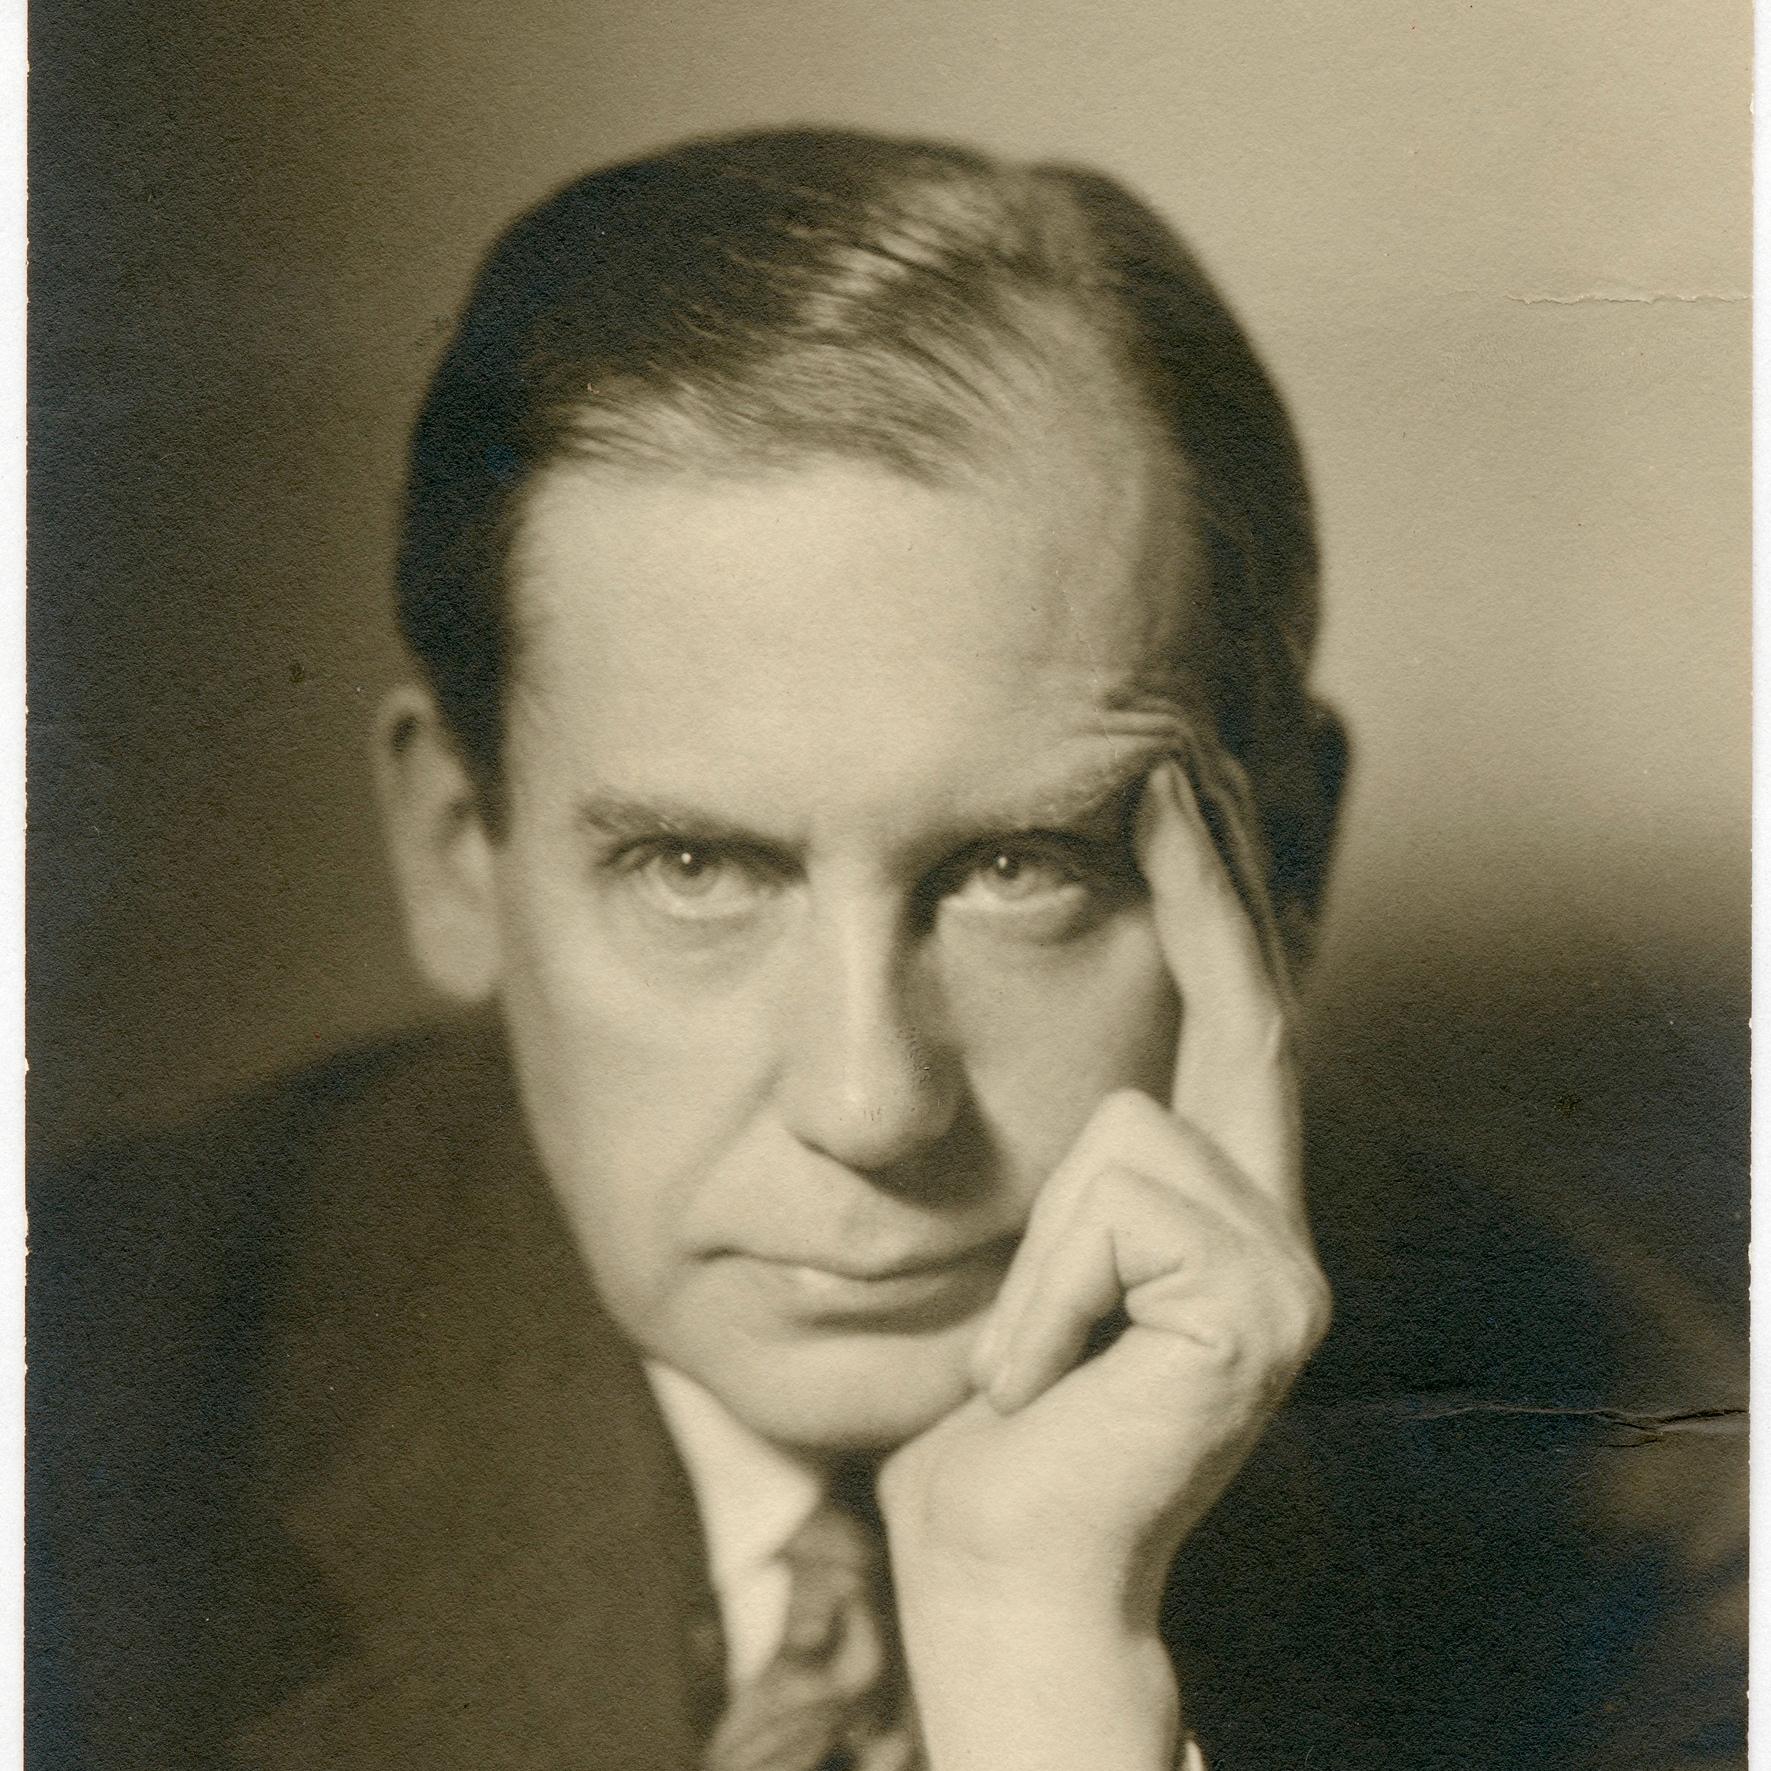 Walter Gropius - 1883 - 1969Architekt und Gründer des Bauhausesarchitect and Bauhaus founder